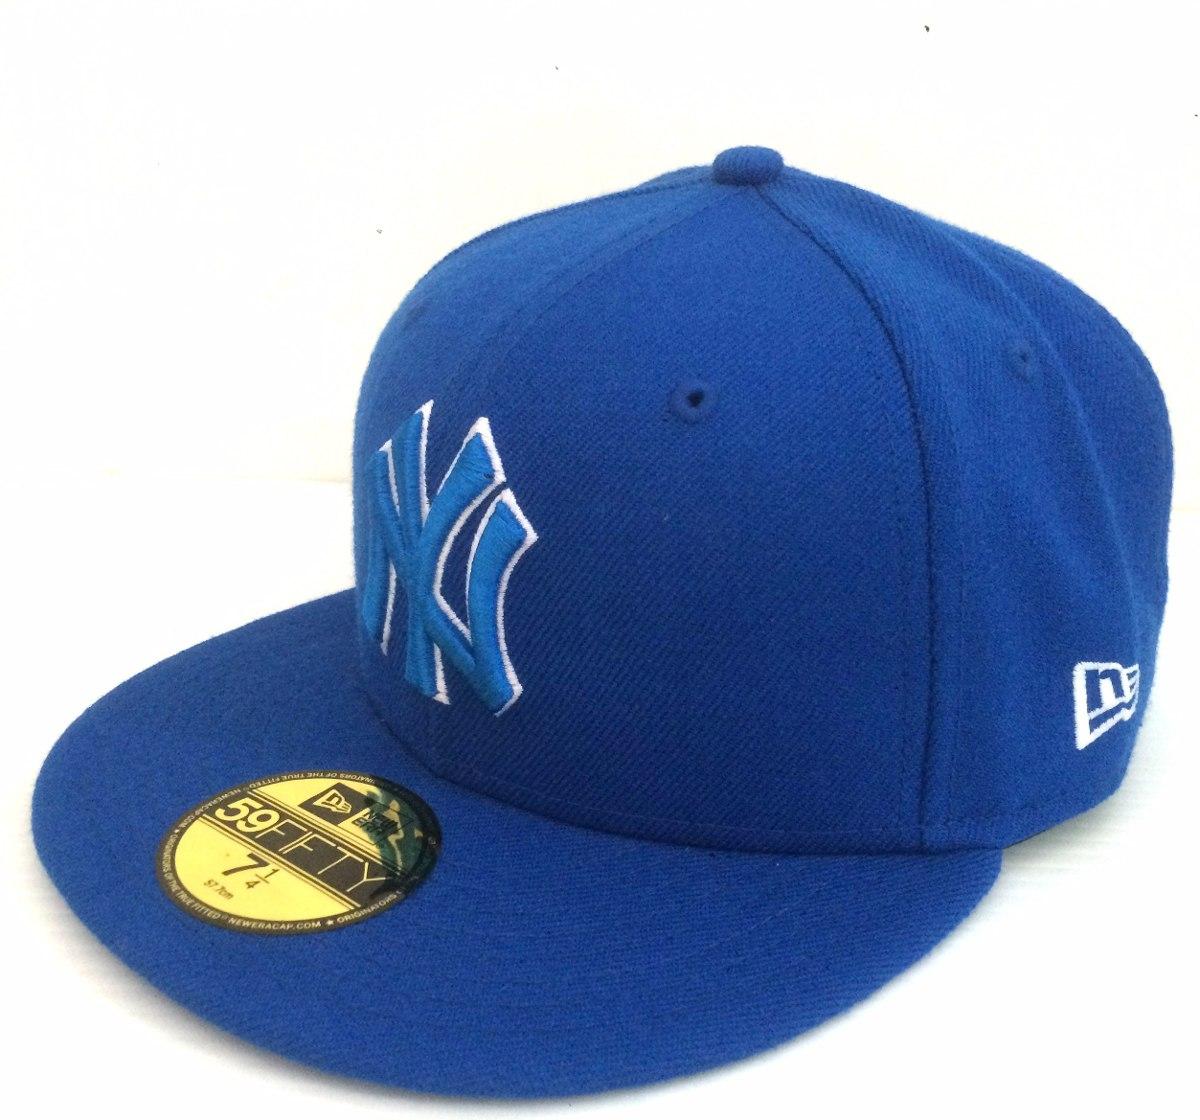 425a231cfb6c7 Gorra New Era 59fifty Yankees New York -   350.00 en Mercado Libre